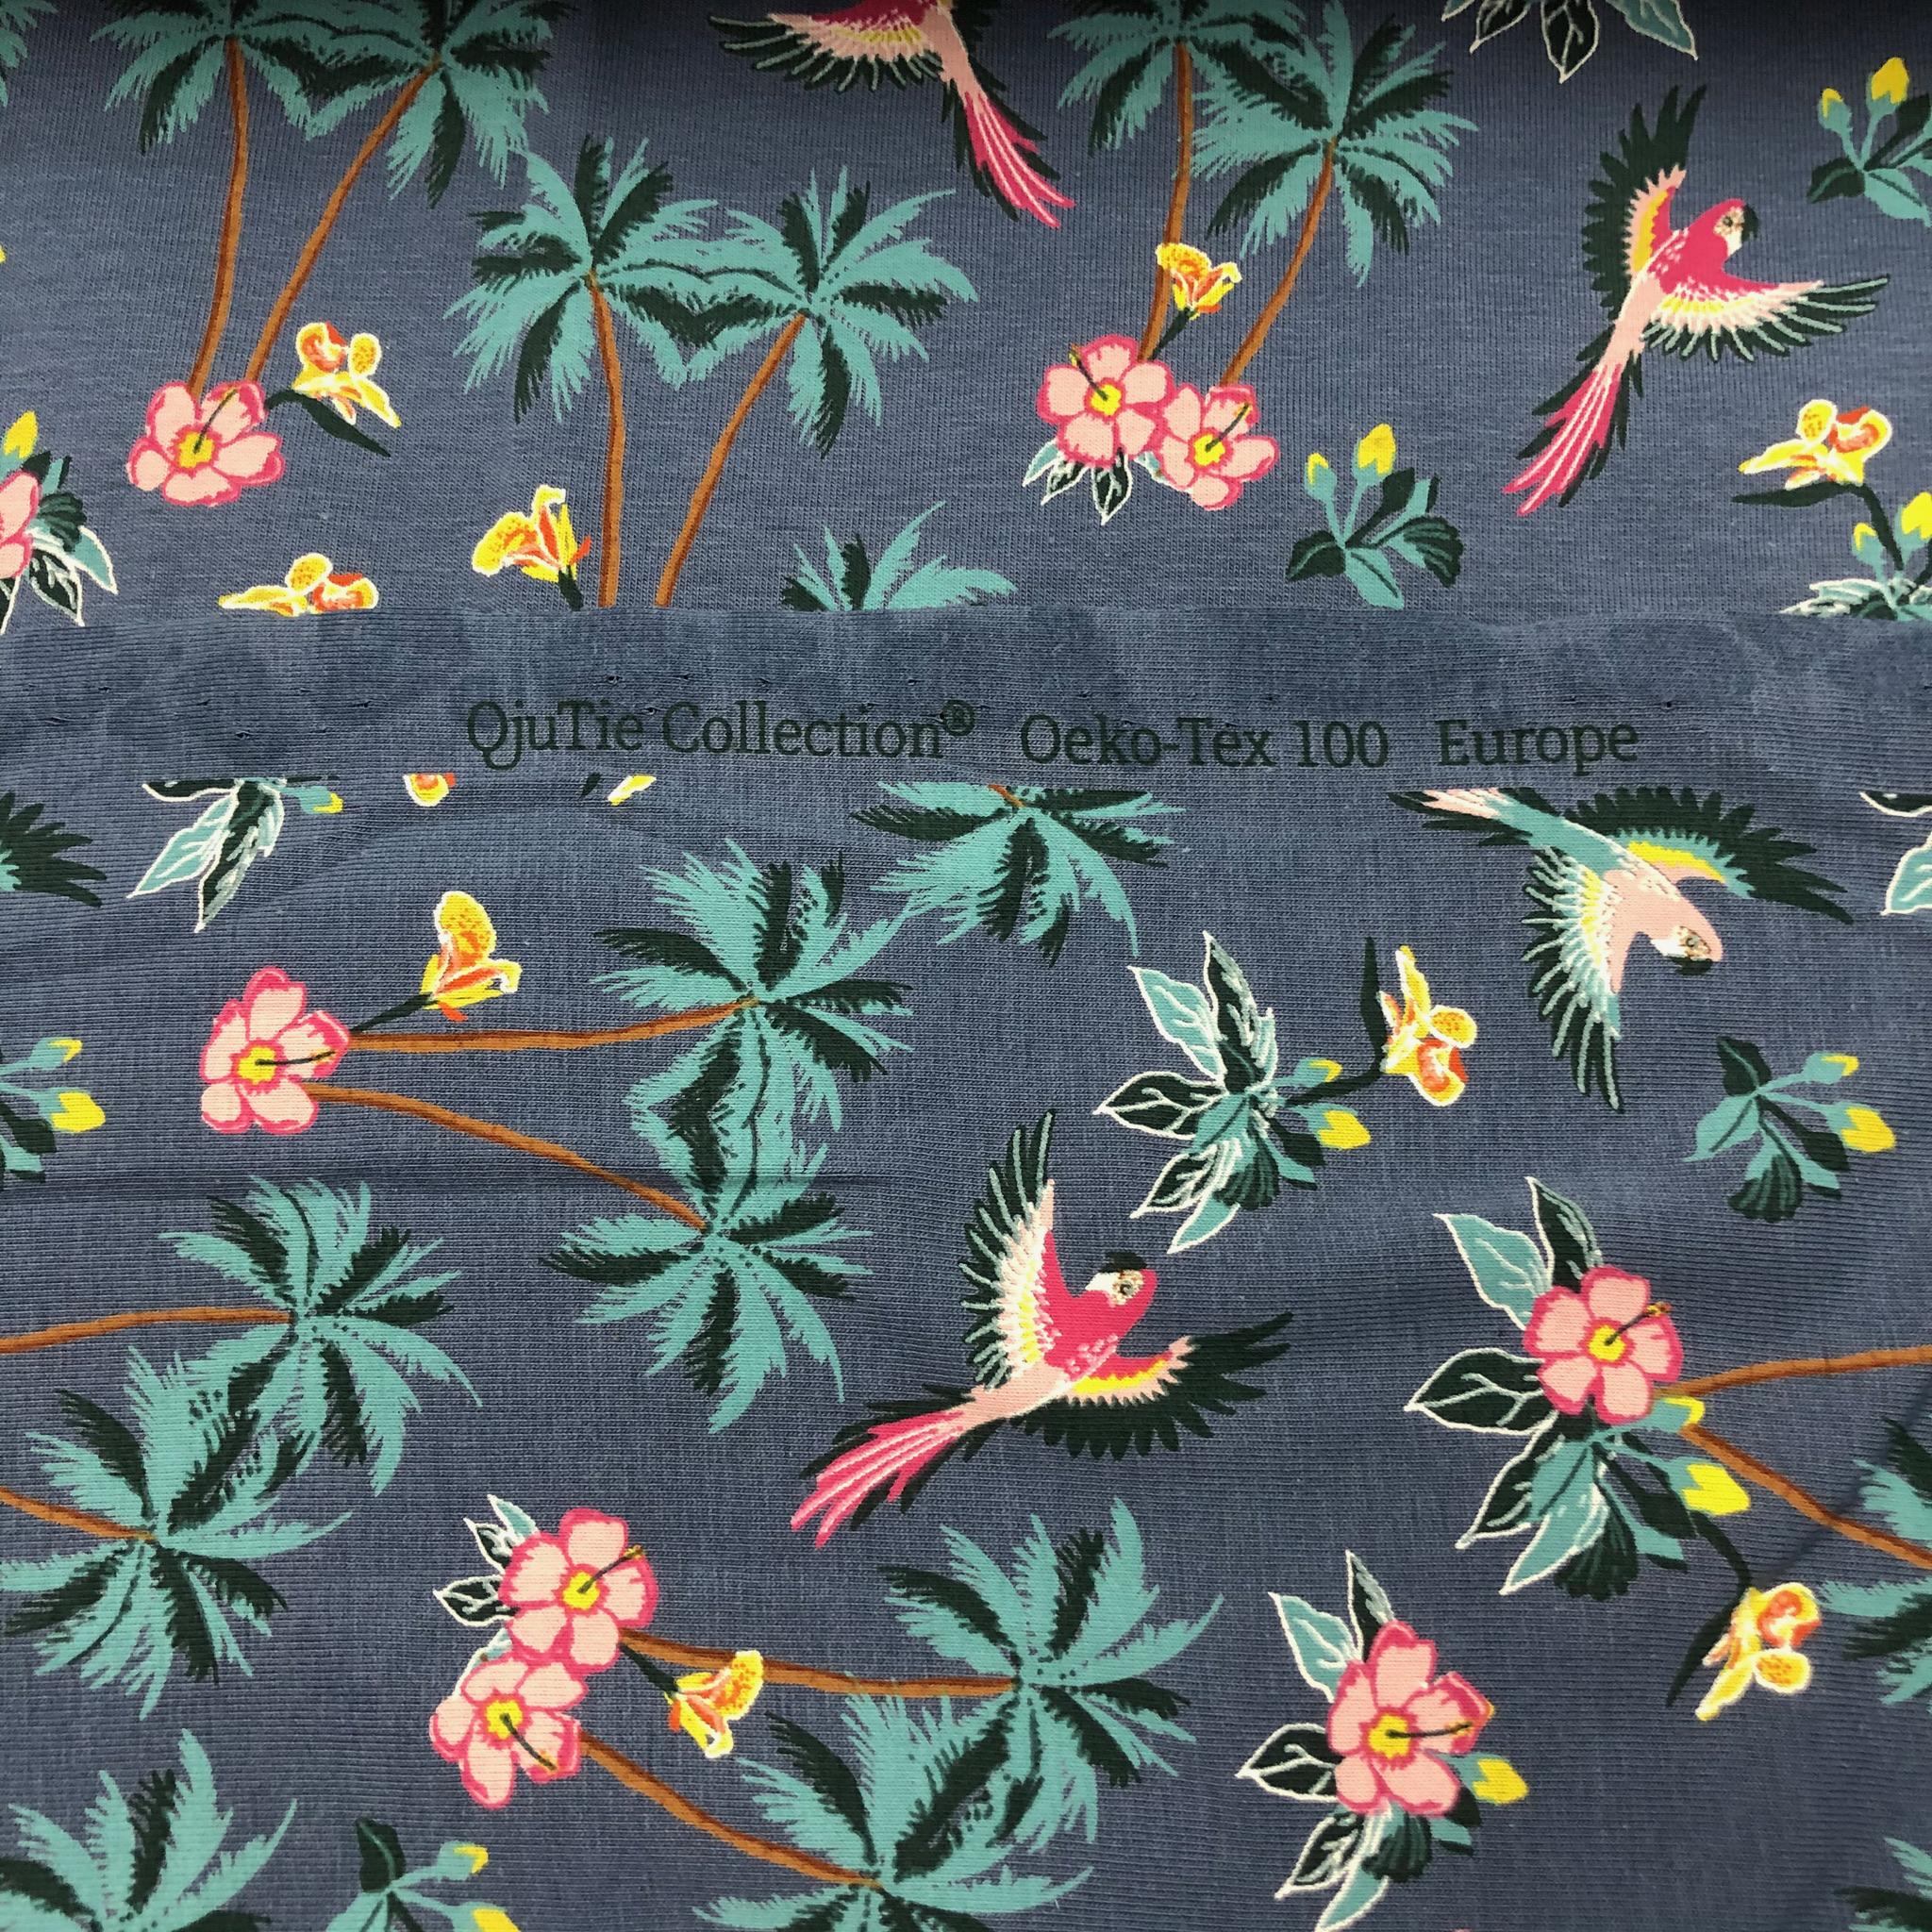 Parrot jungle cotton jersey